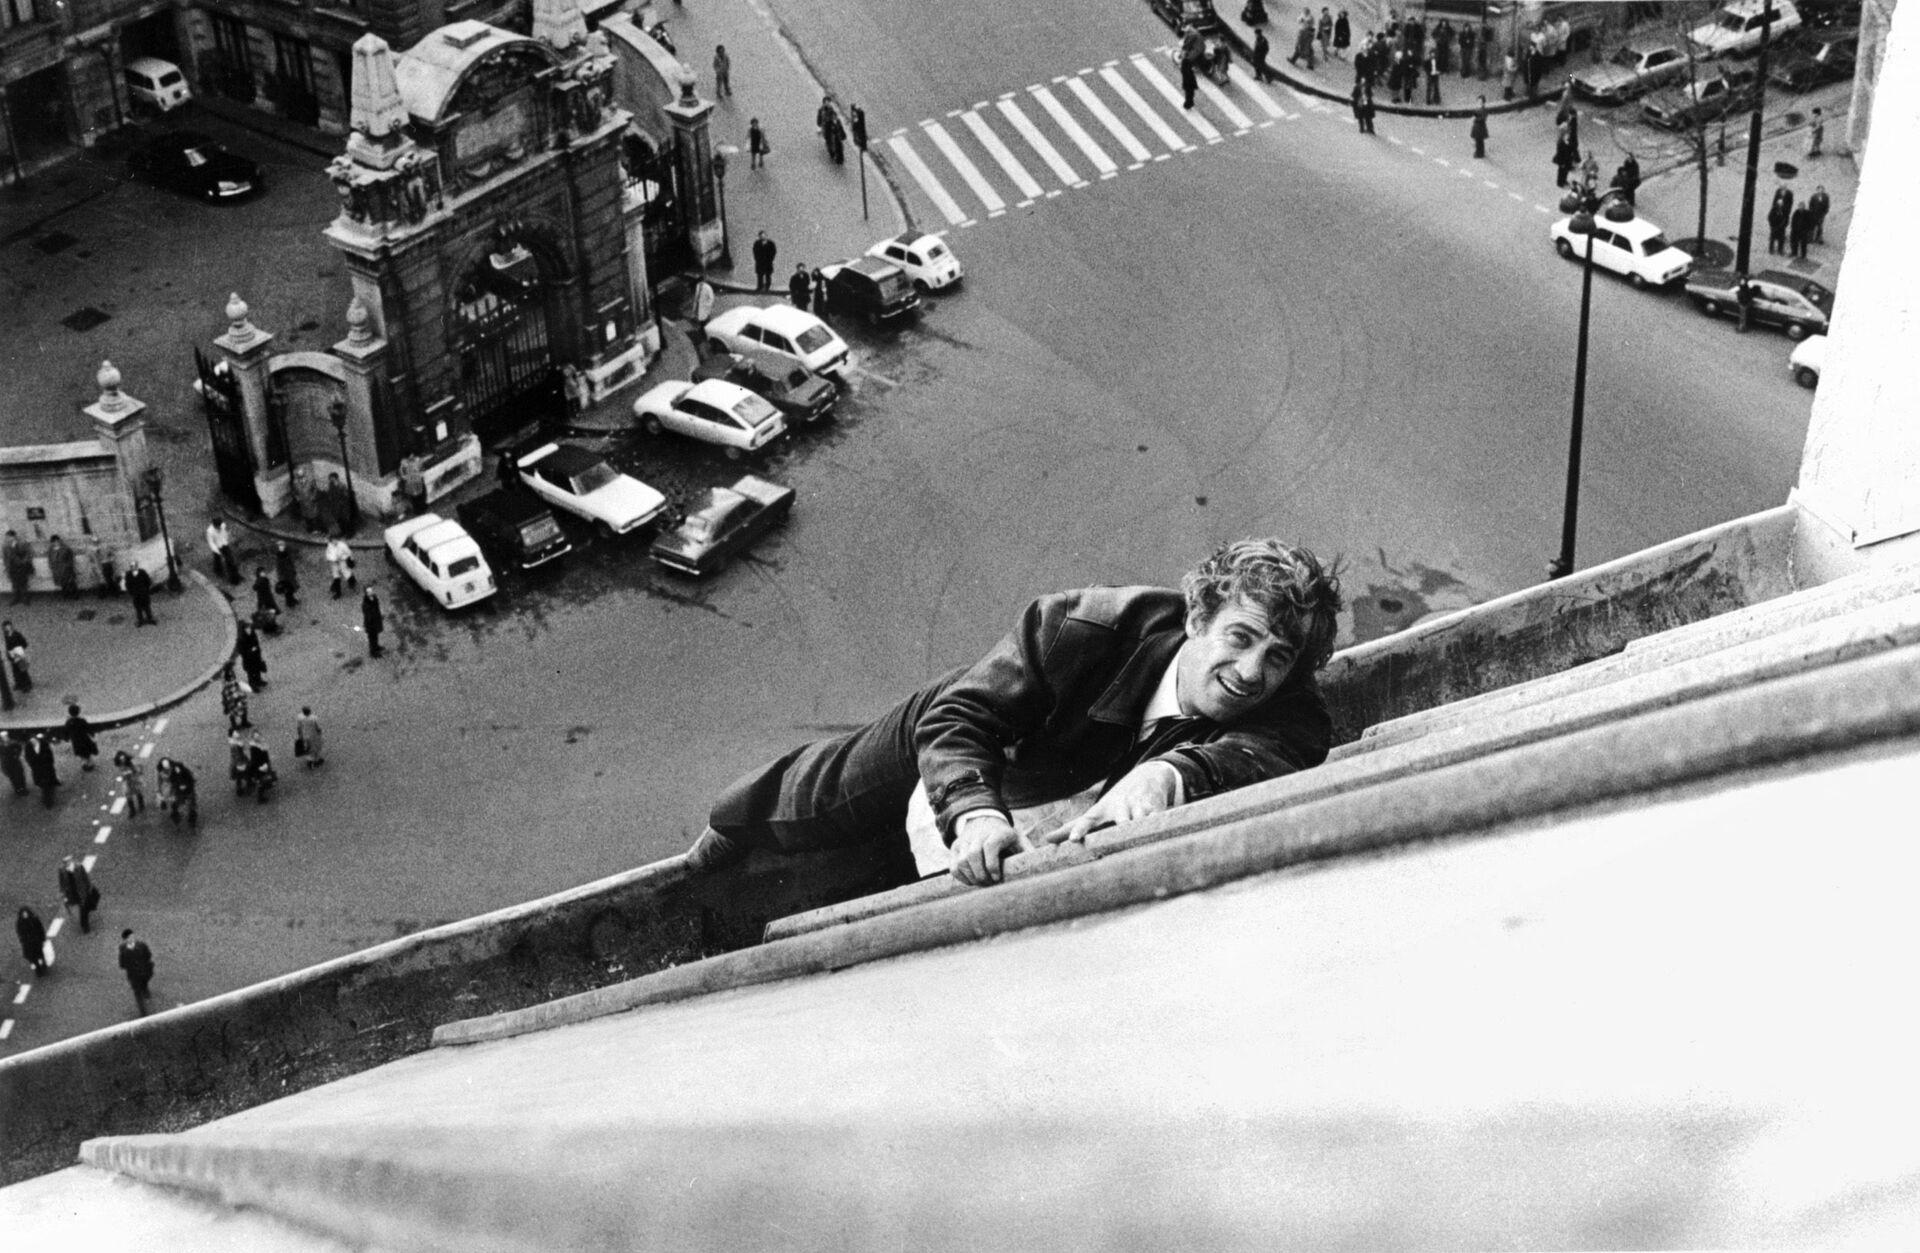 Жан-Поля Бельмондо на парижской крыше во время съемок фильма «Страх над городом», 1975 год  - Sputnik Азербайджан, 1920, 01.10.2021